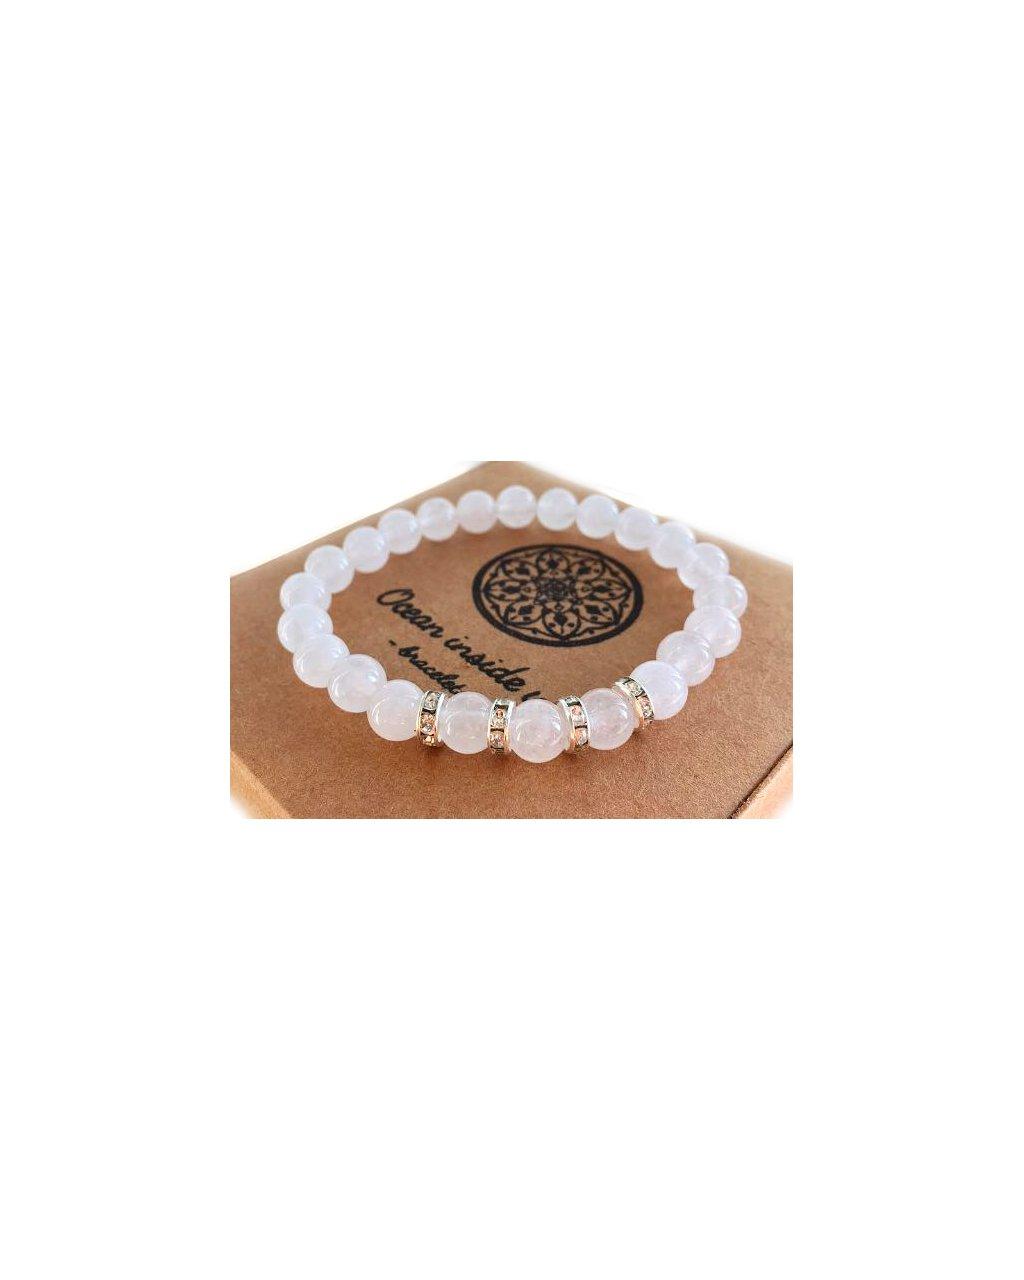 Náramek z minerálu andělsky bílý křišťál s blyštivými kamínky